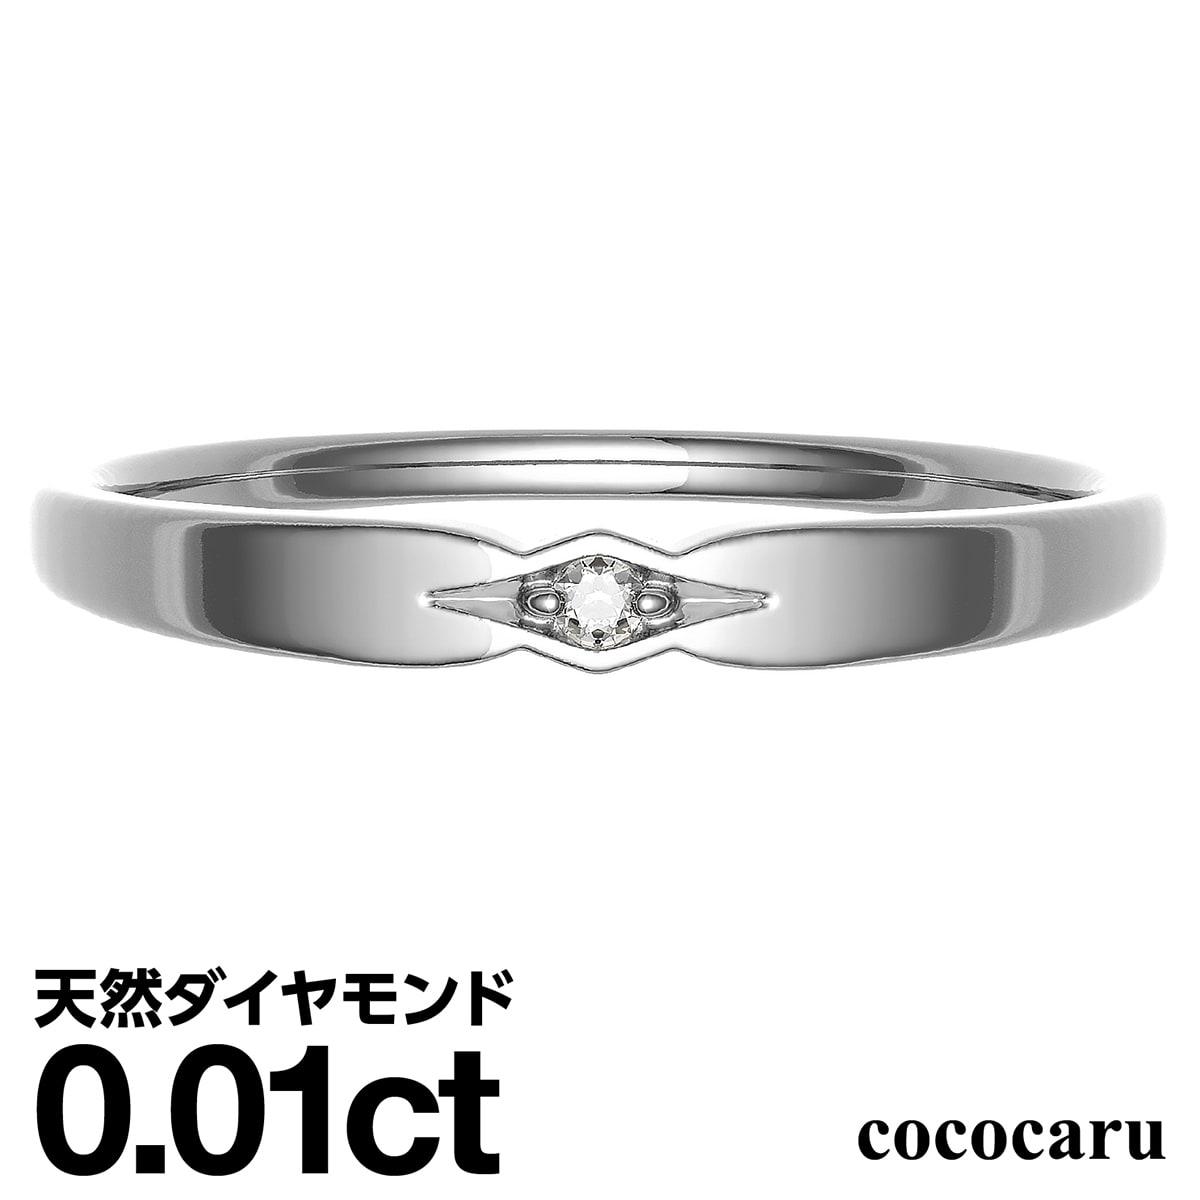 【送料無料】 一粒 ダイヤモンド リング プラチナ900 ファッションリング 品質保証書 金属アレルギー 日本製 誕生日 ギフト